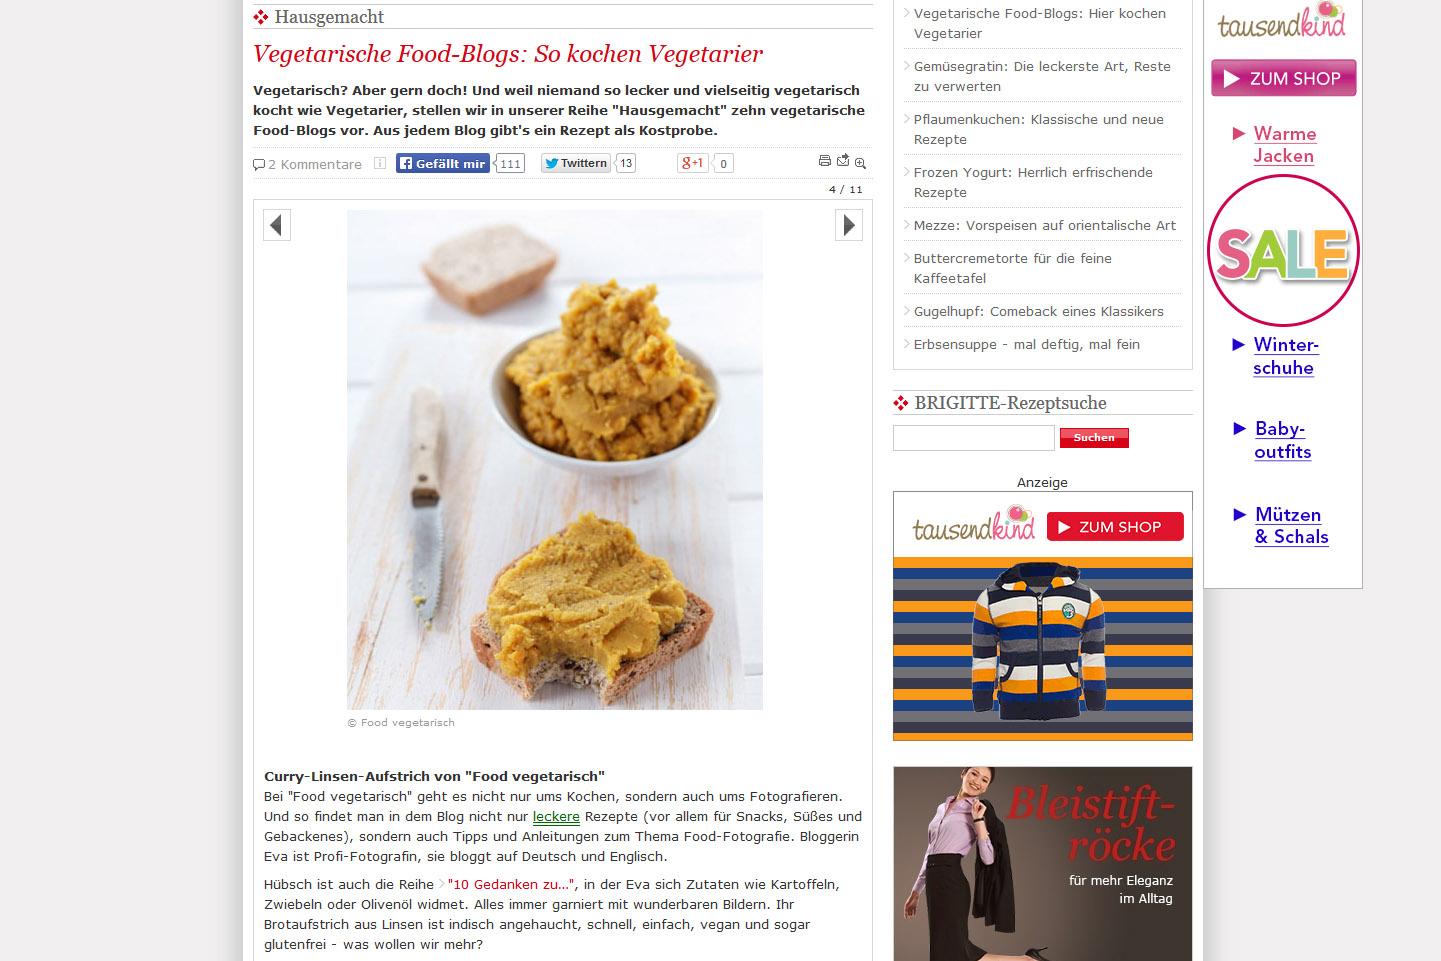 """Brigitte.de """"Hausgemacht"""" Vegetarische Food-Blogs: So kochen Vegetarier"""